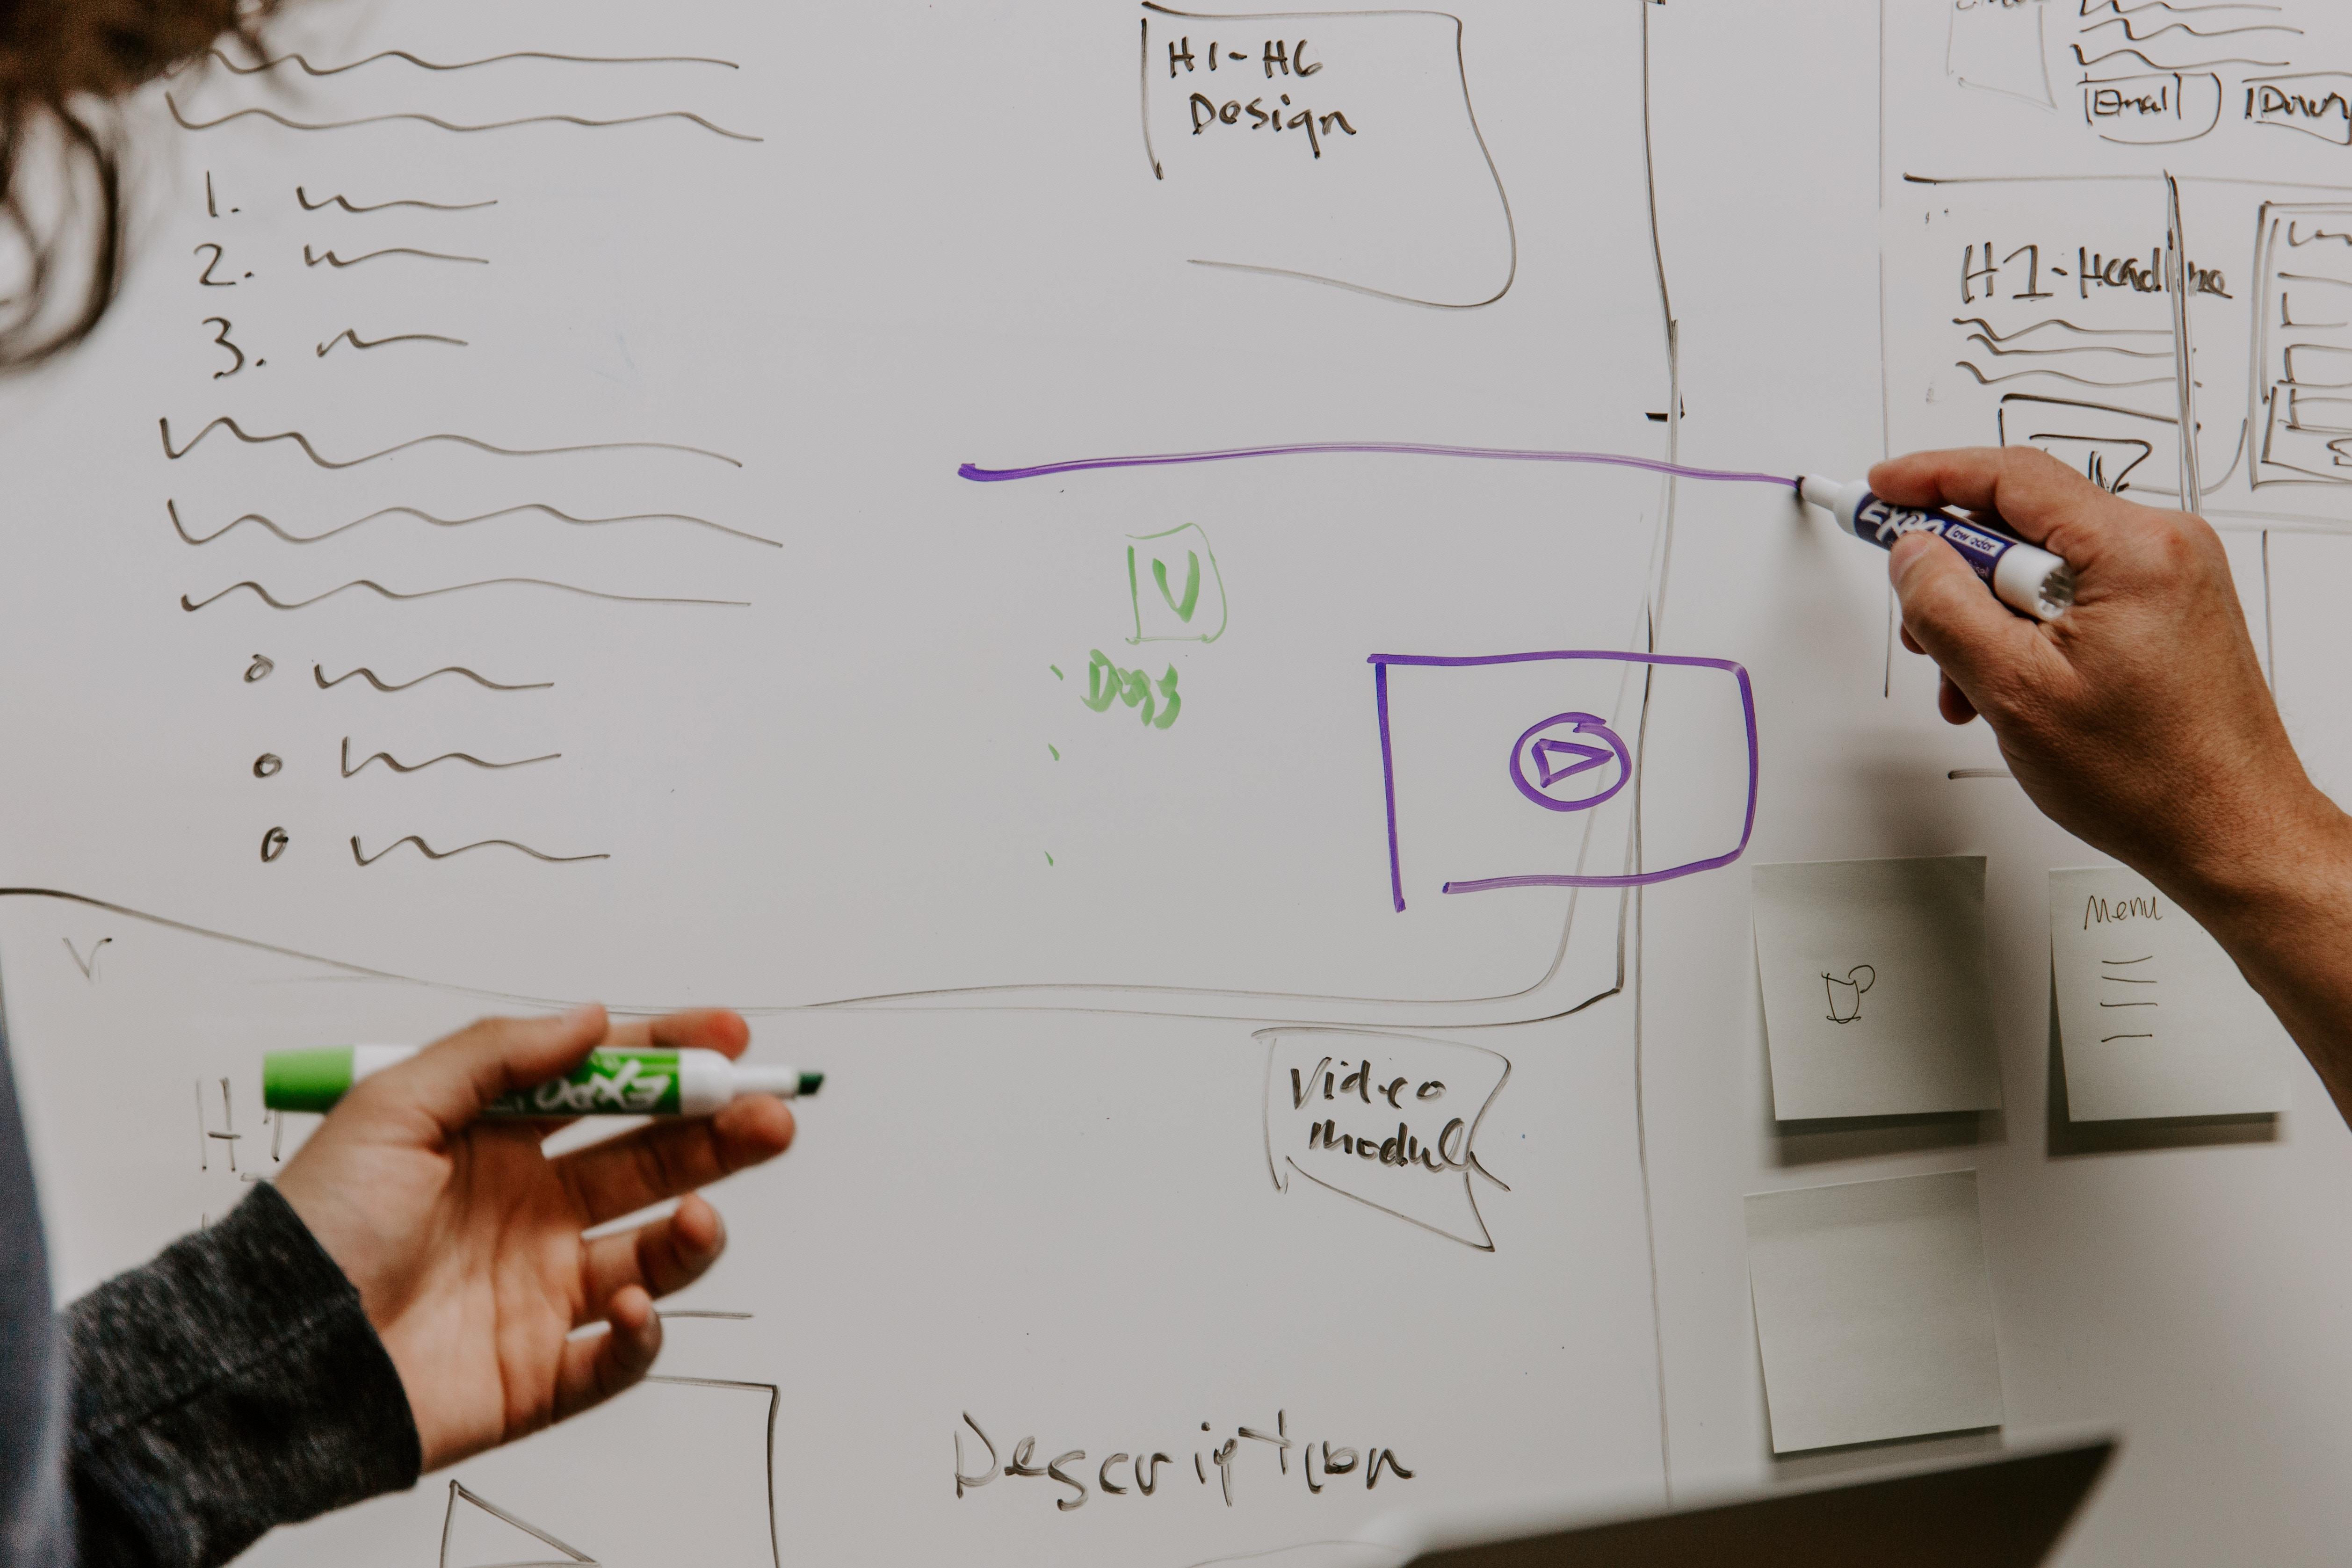 Conception d'une application web : les étapes de co-design